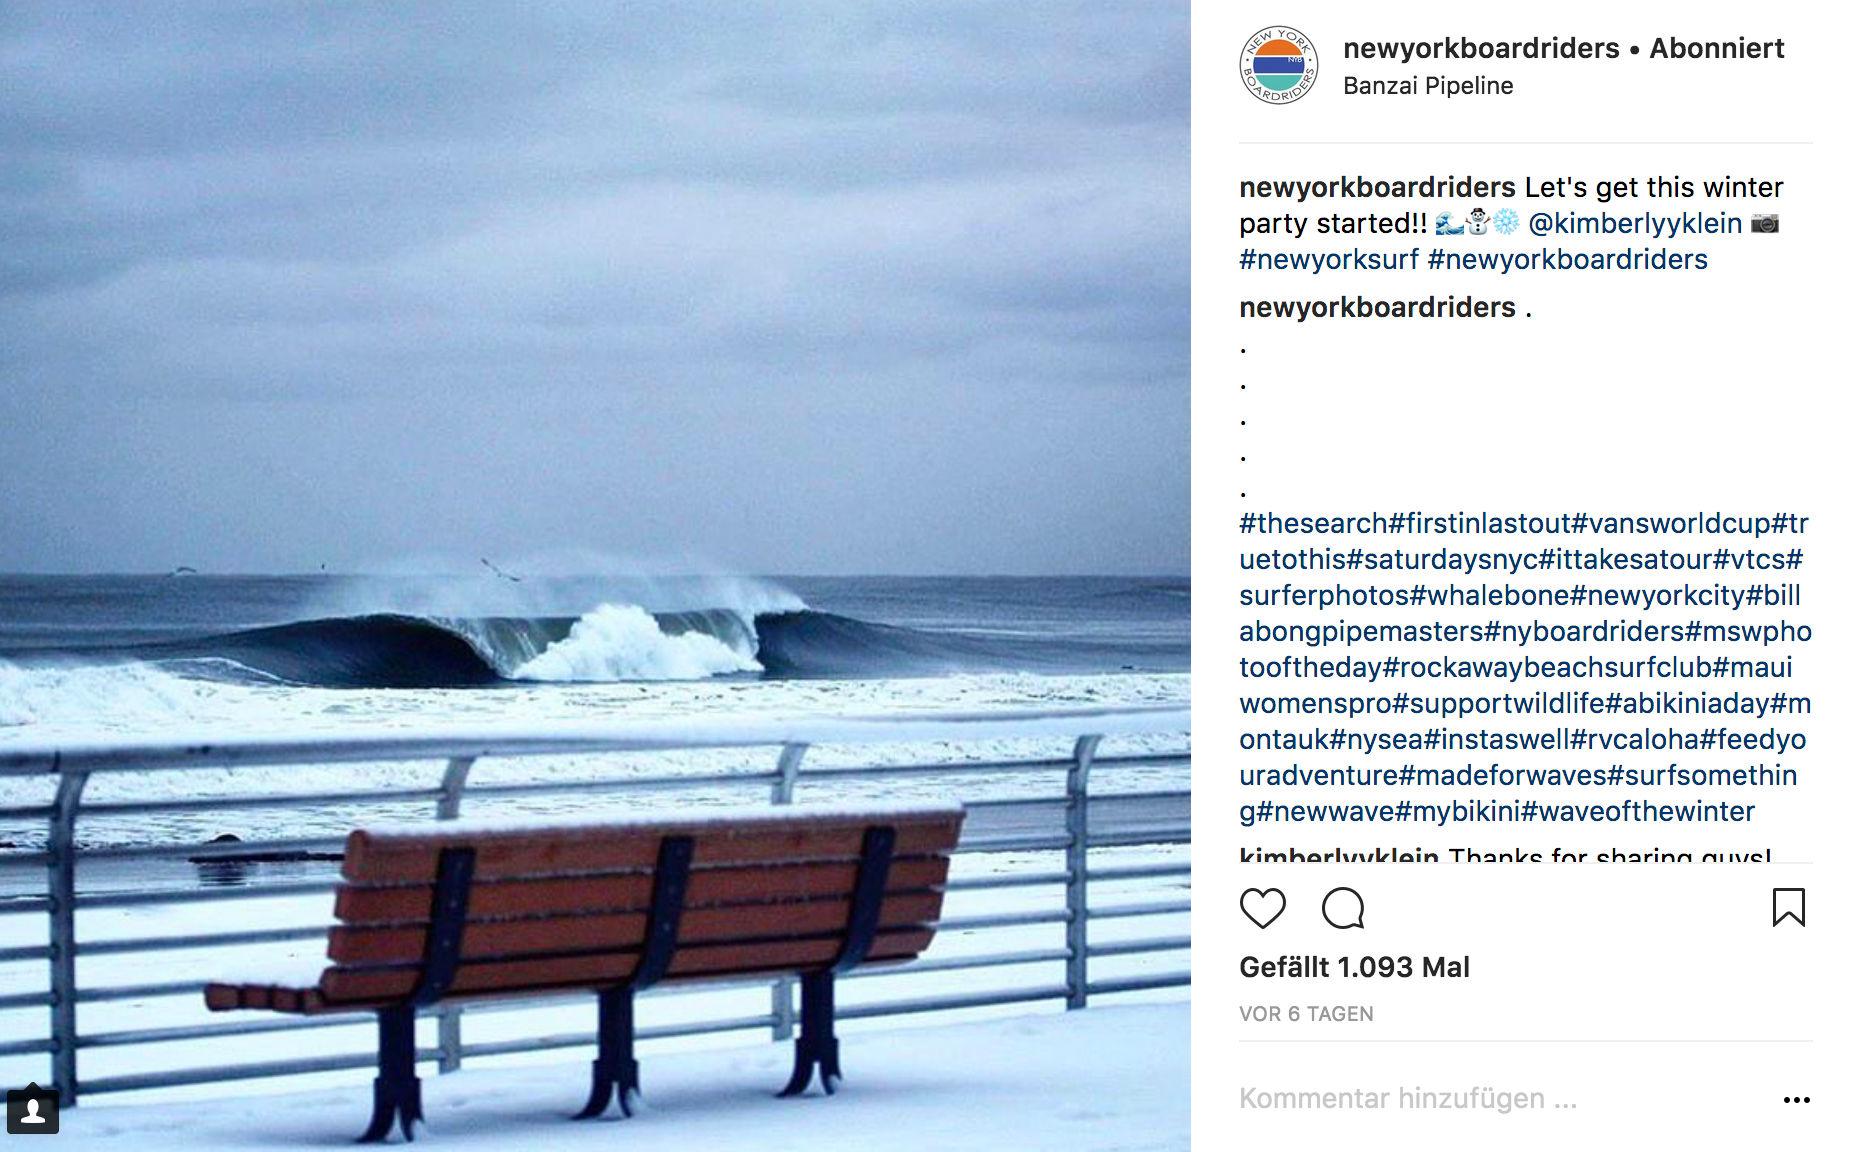 Wer den Temperaturen aber trotz, bekommt dafür solche Wellen.